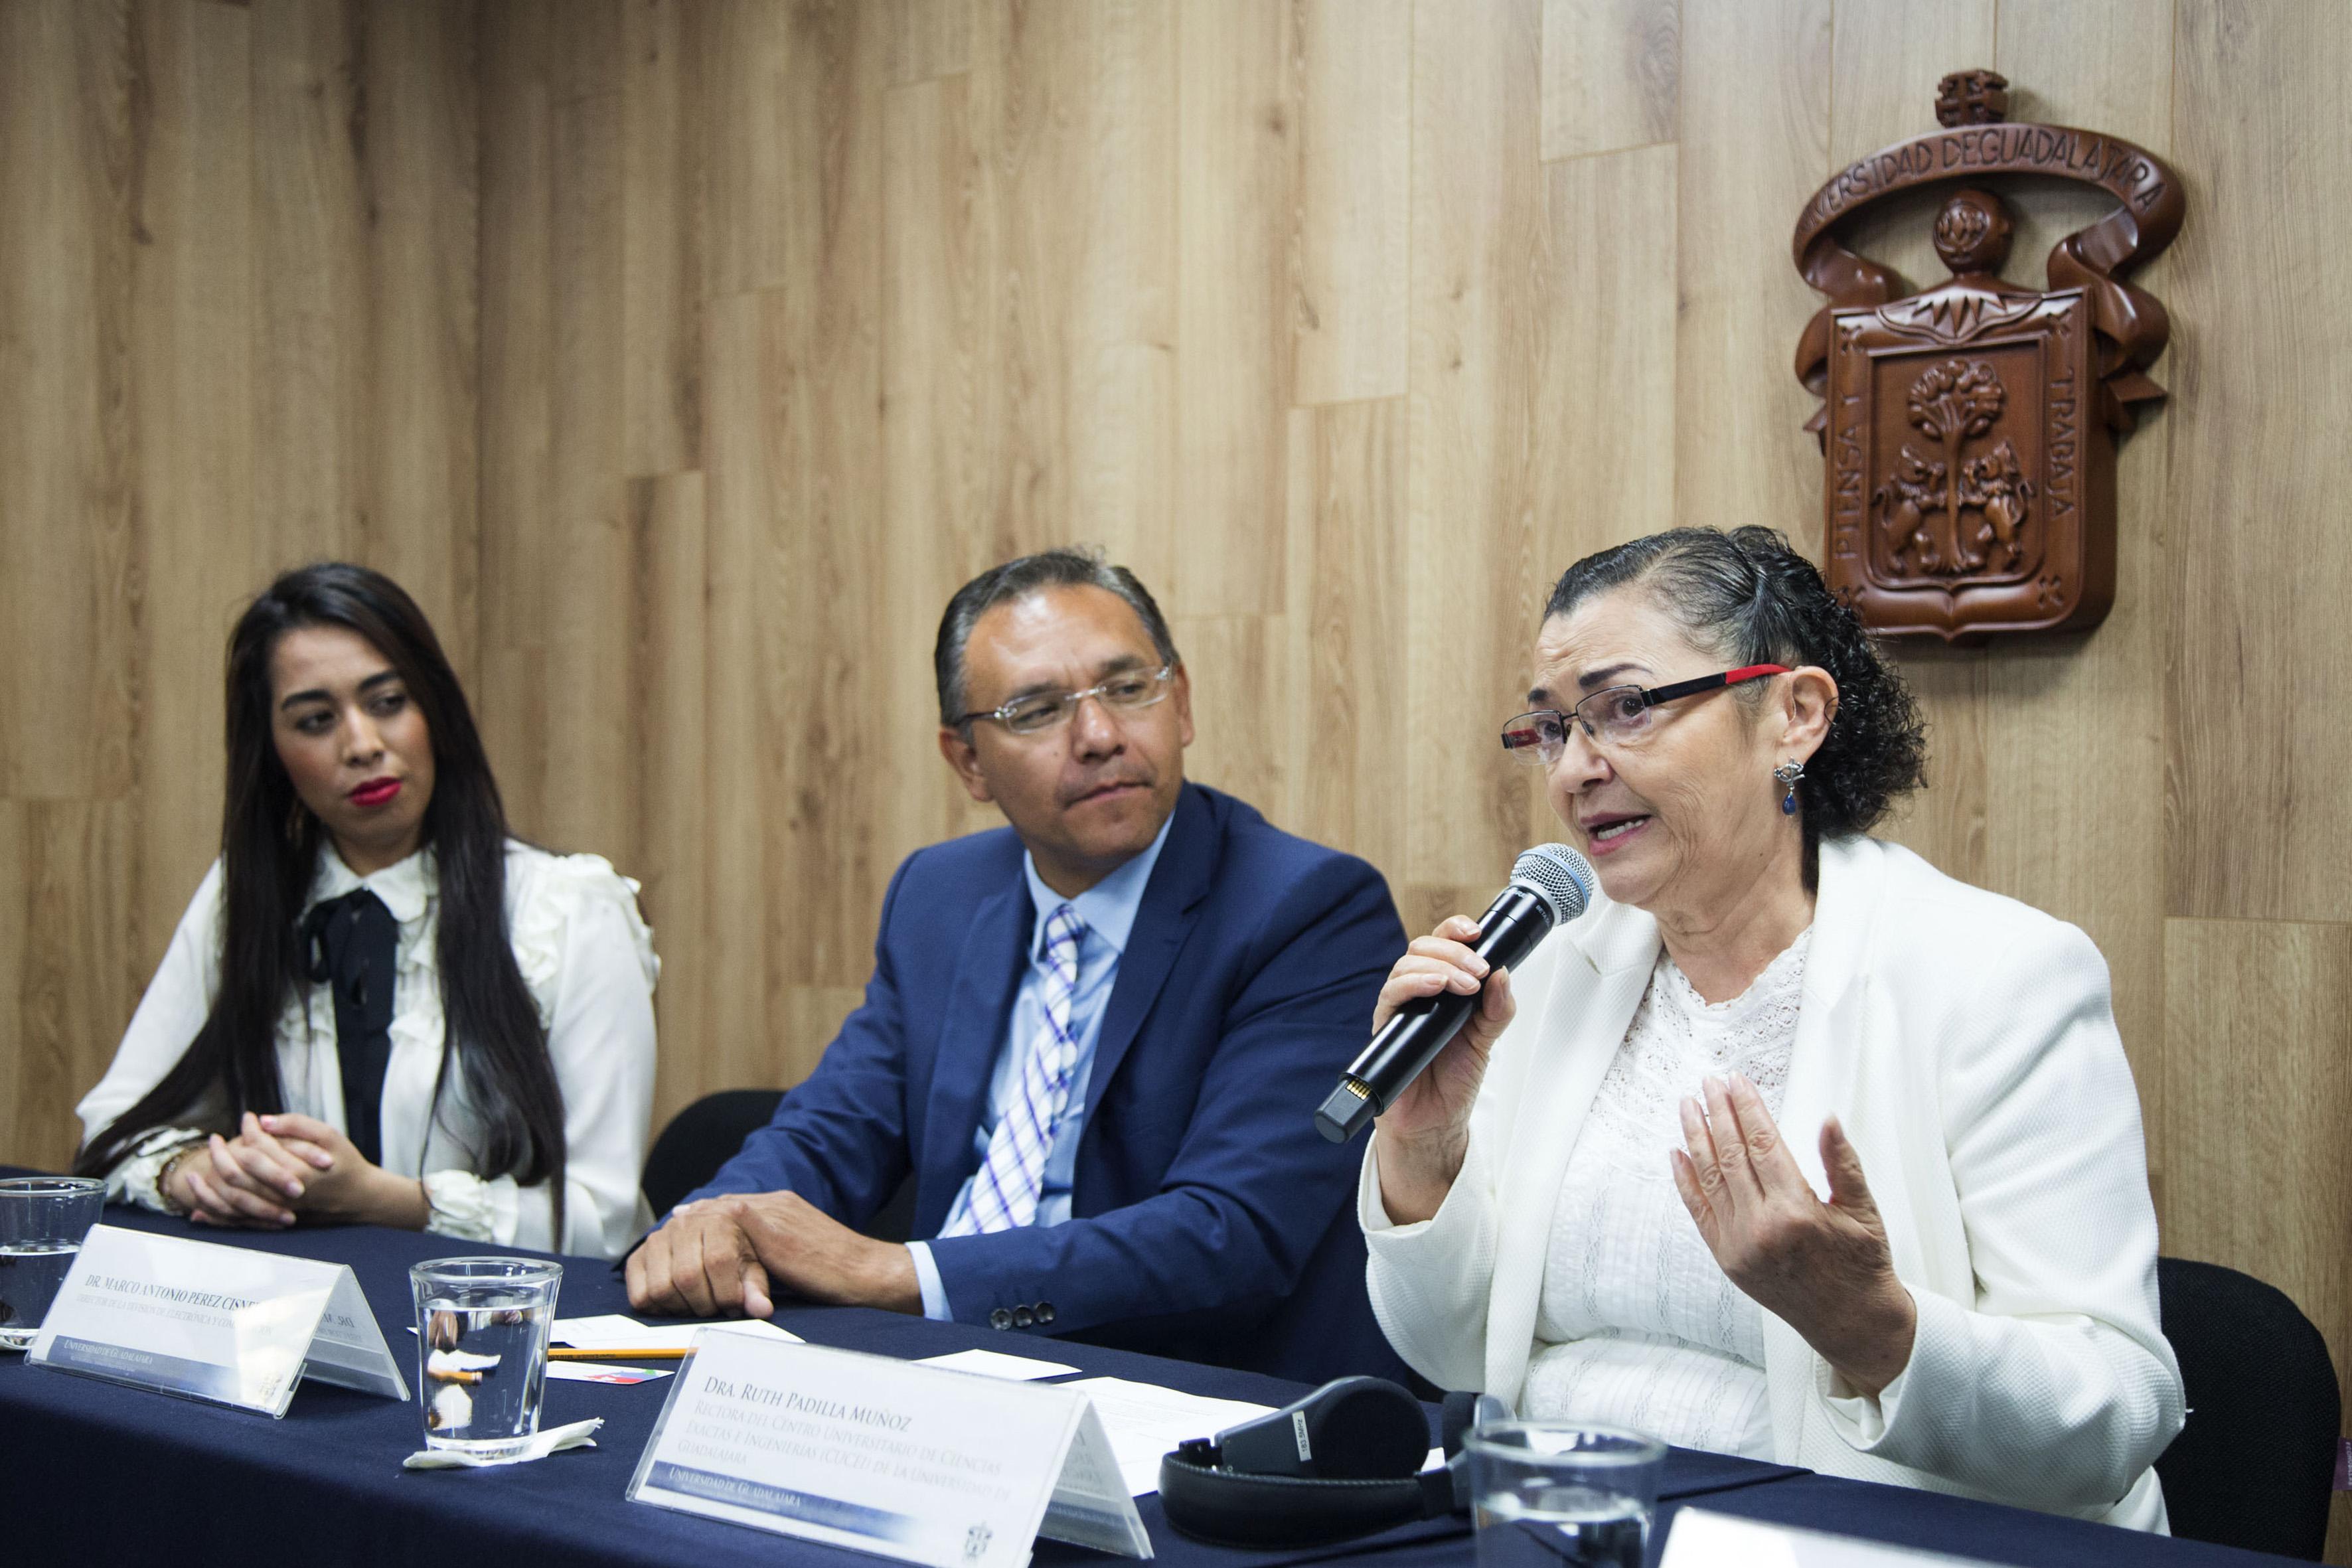 Rectora del centro, doctora Ruth Padilla Muñoz, haciendo uso de la palabra